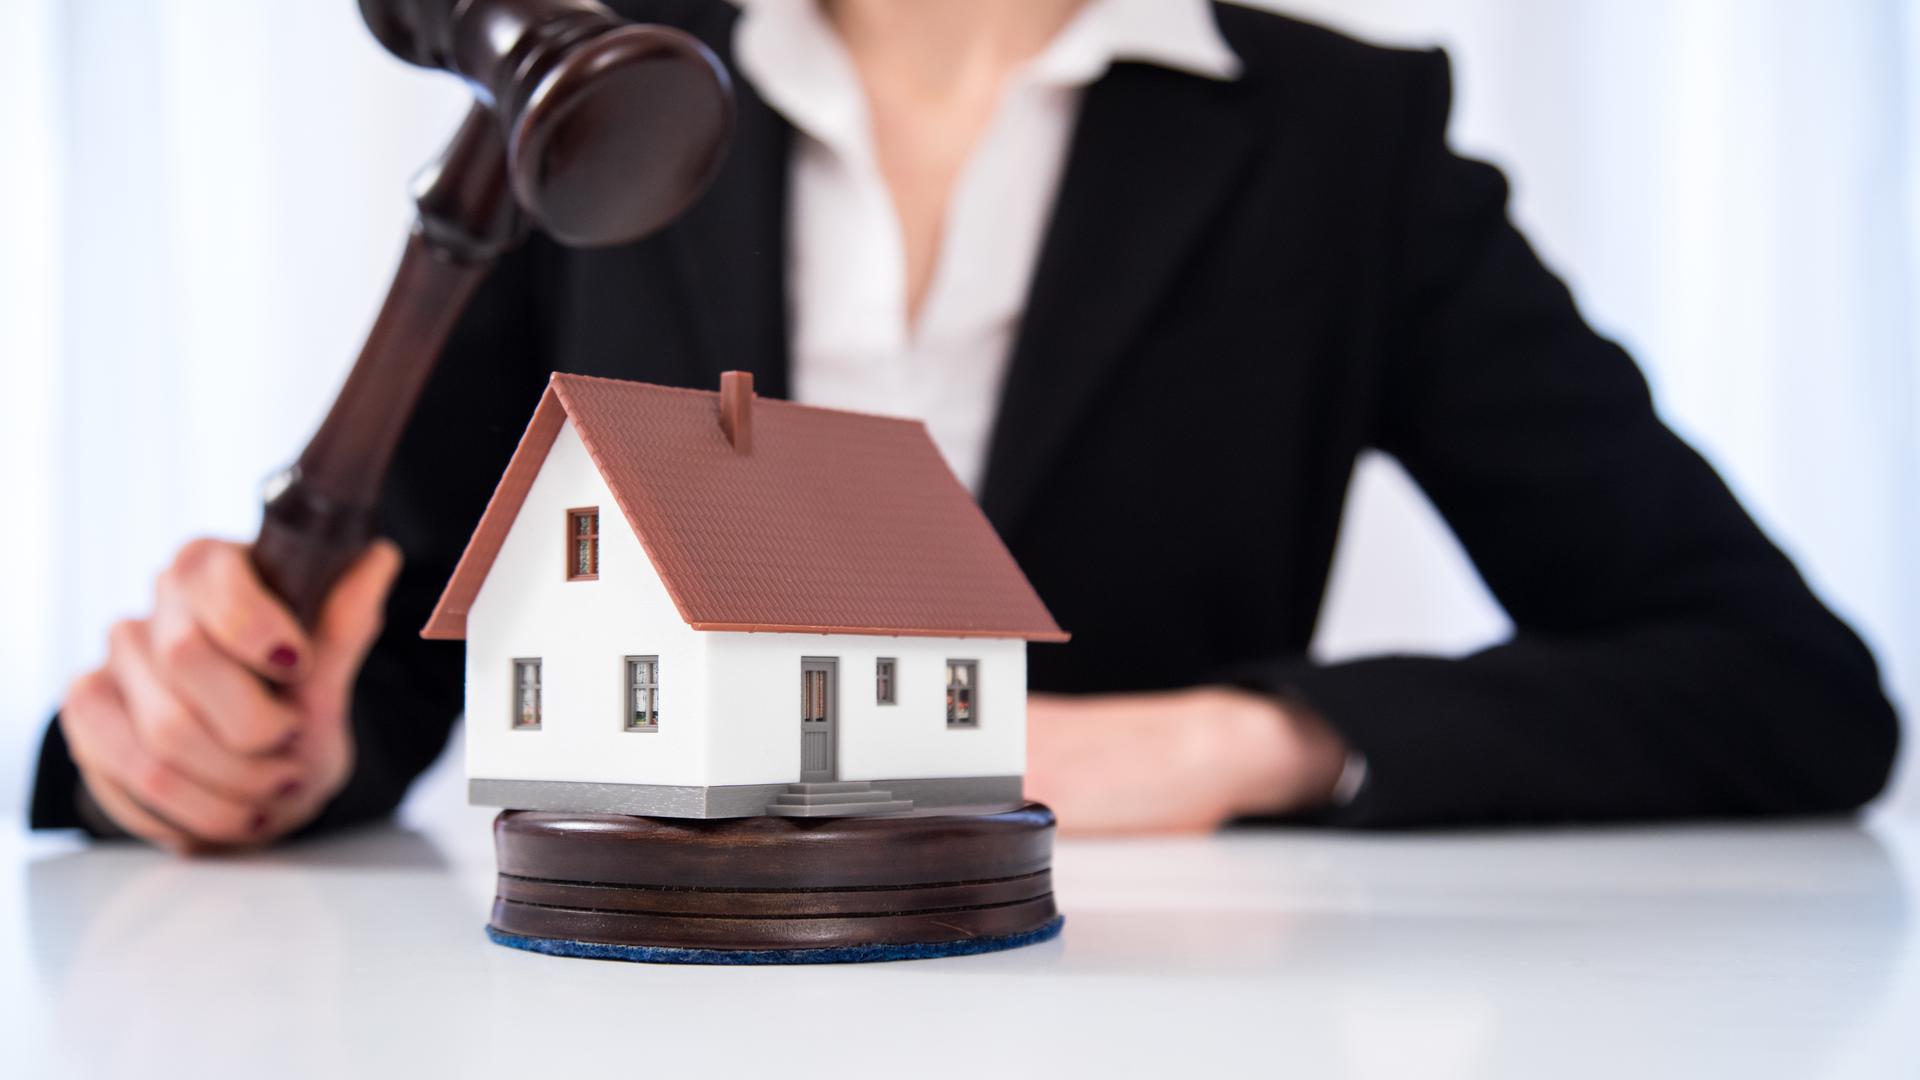 Hoffen auf ein Schnäppchen: Mit Zwangsversteigerungen verbinden viele die Erwartung, günstig an eine Immobilie zu kommen.